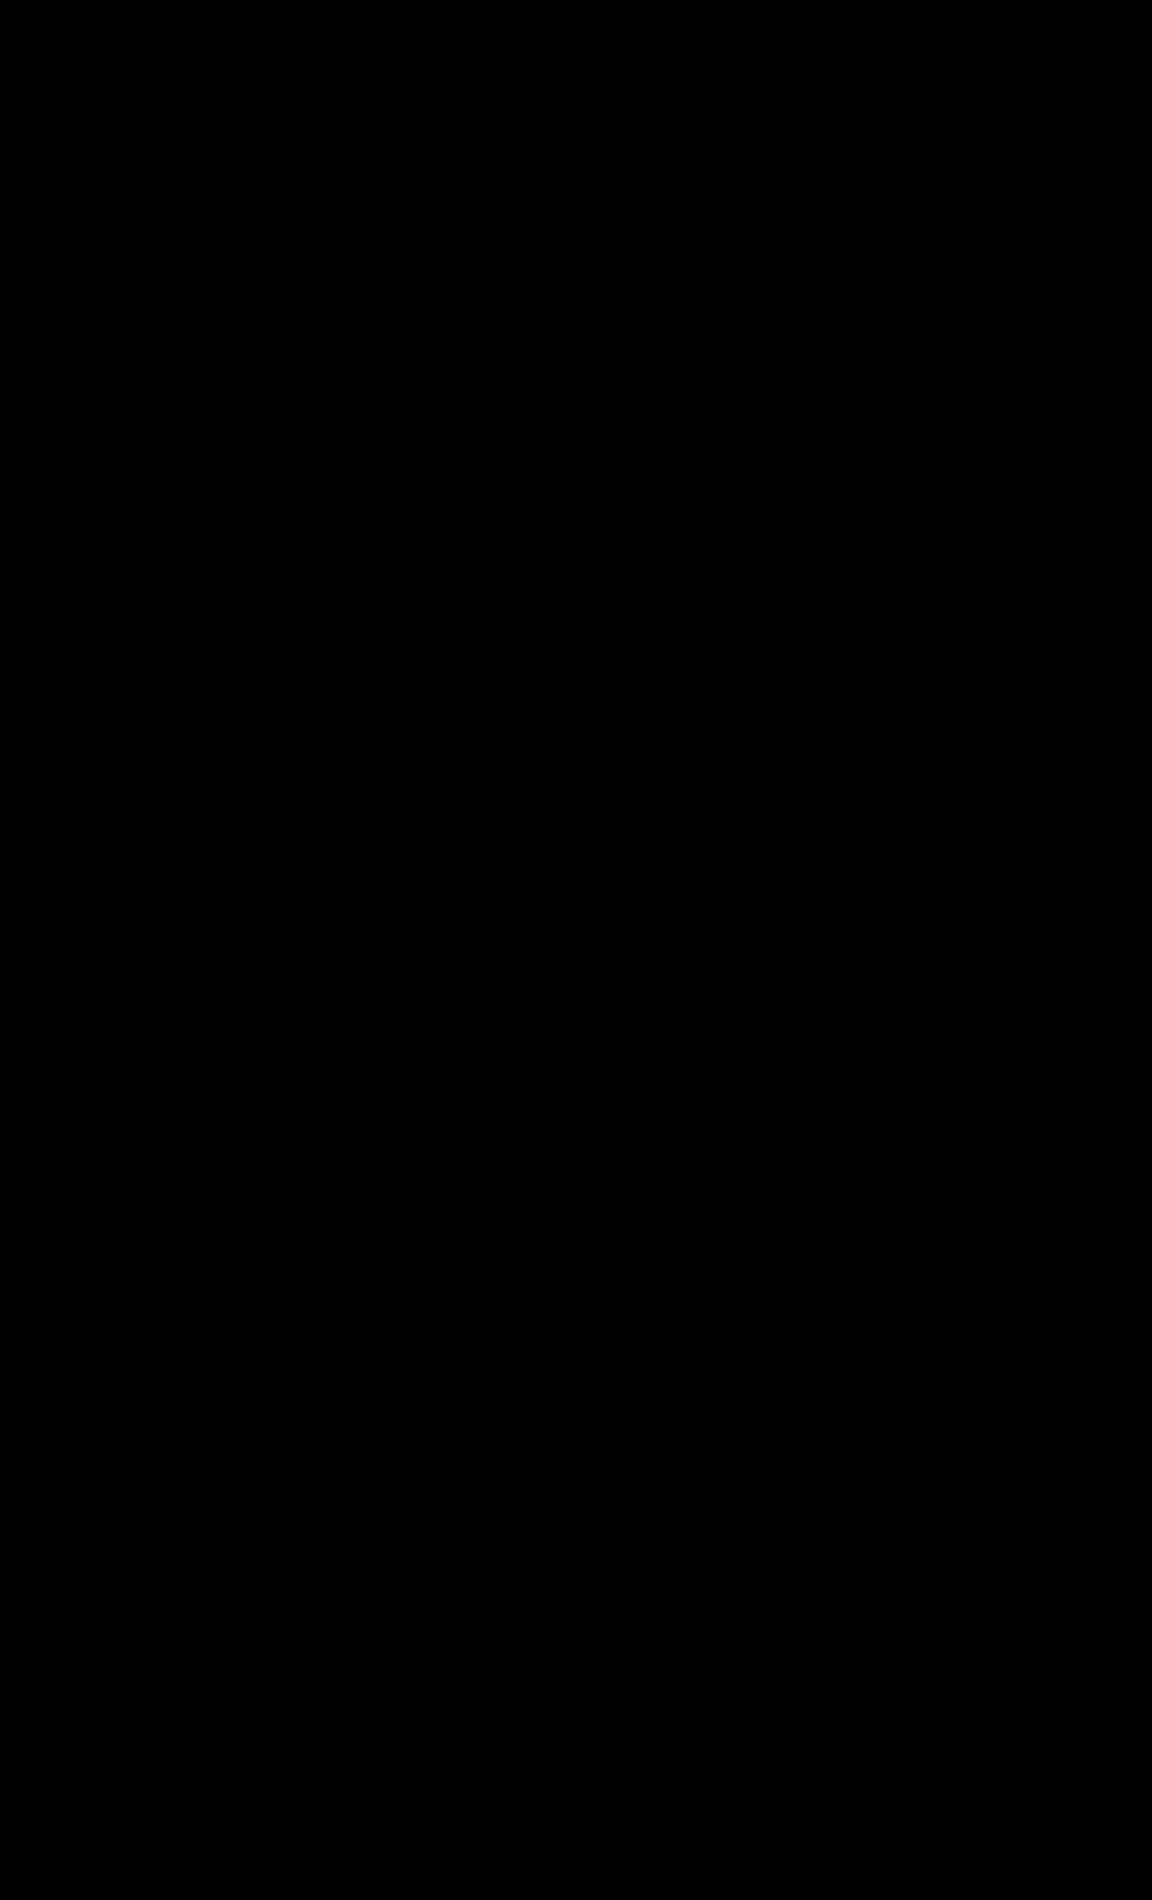 Gesiegelter gustavianischer Spiegel um 1830